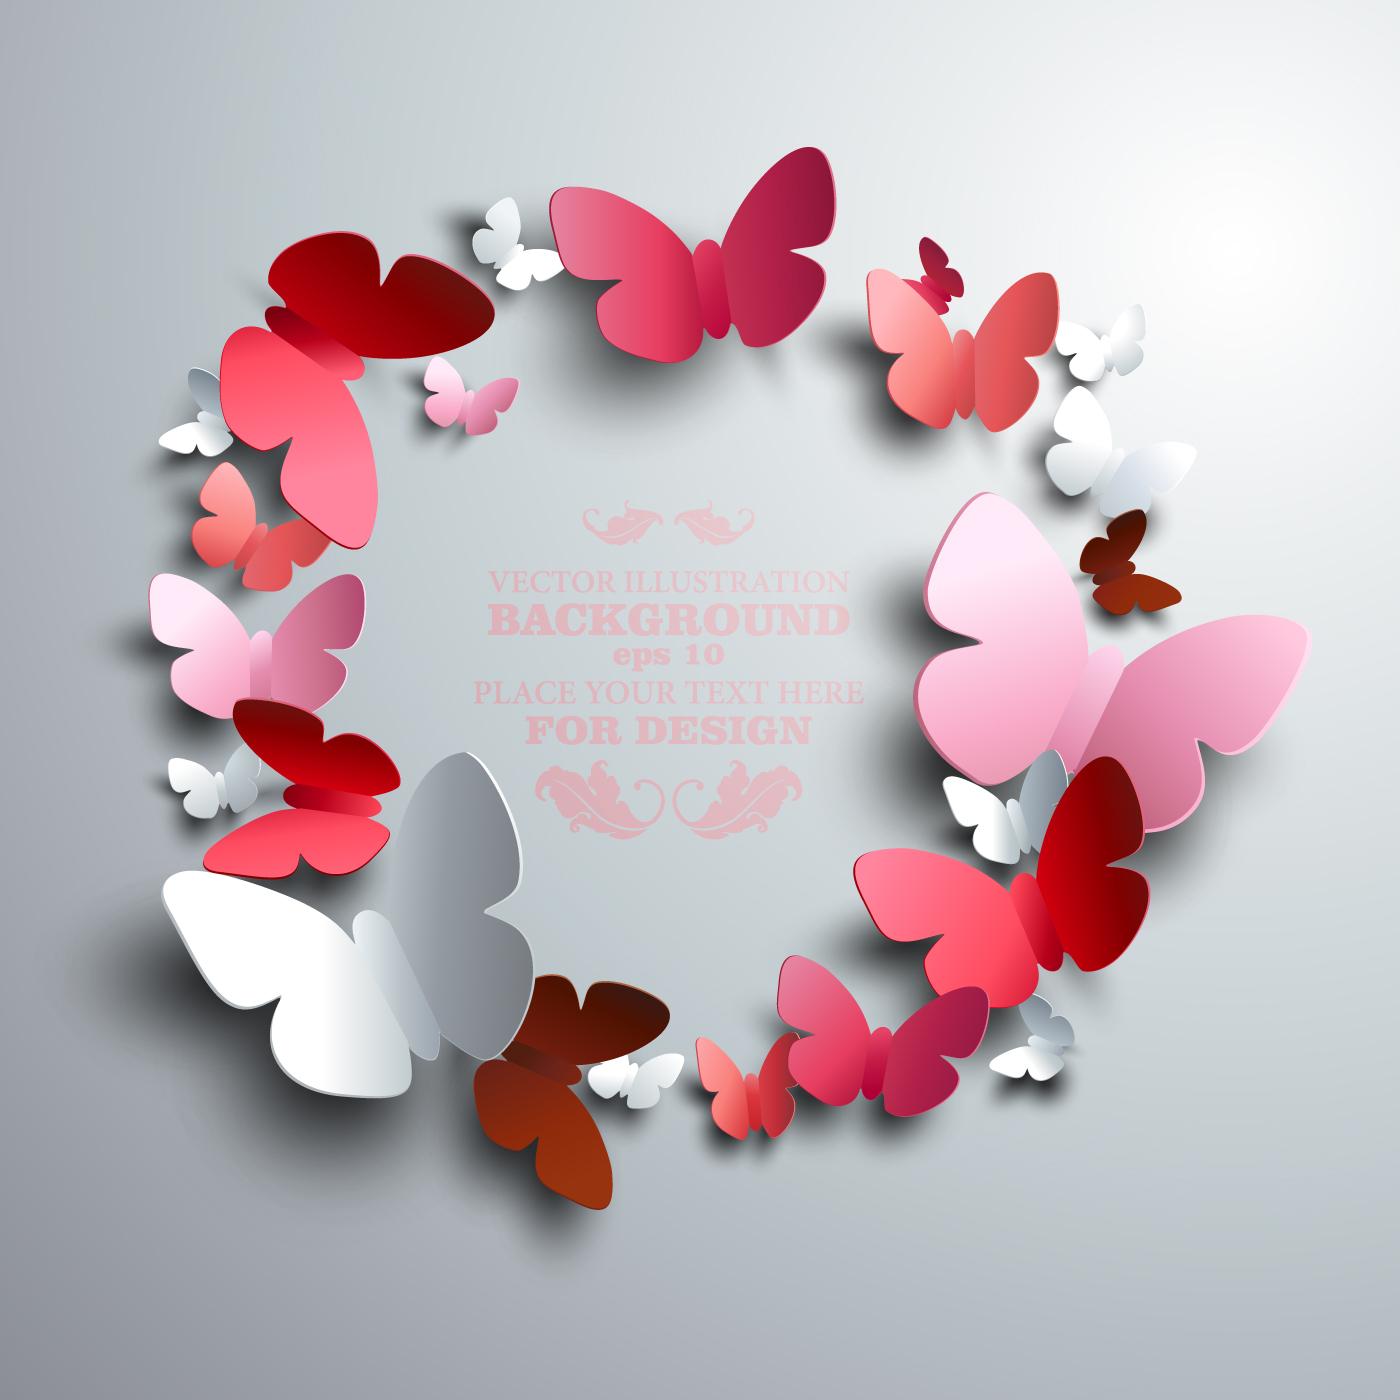 Paper butterflies vector backgrounds 04 - Vector Animal, Vector ...: freedesignfile.com/75780-paper-butterflies-vector-backgrounds-04